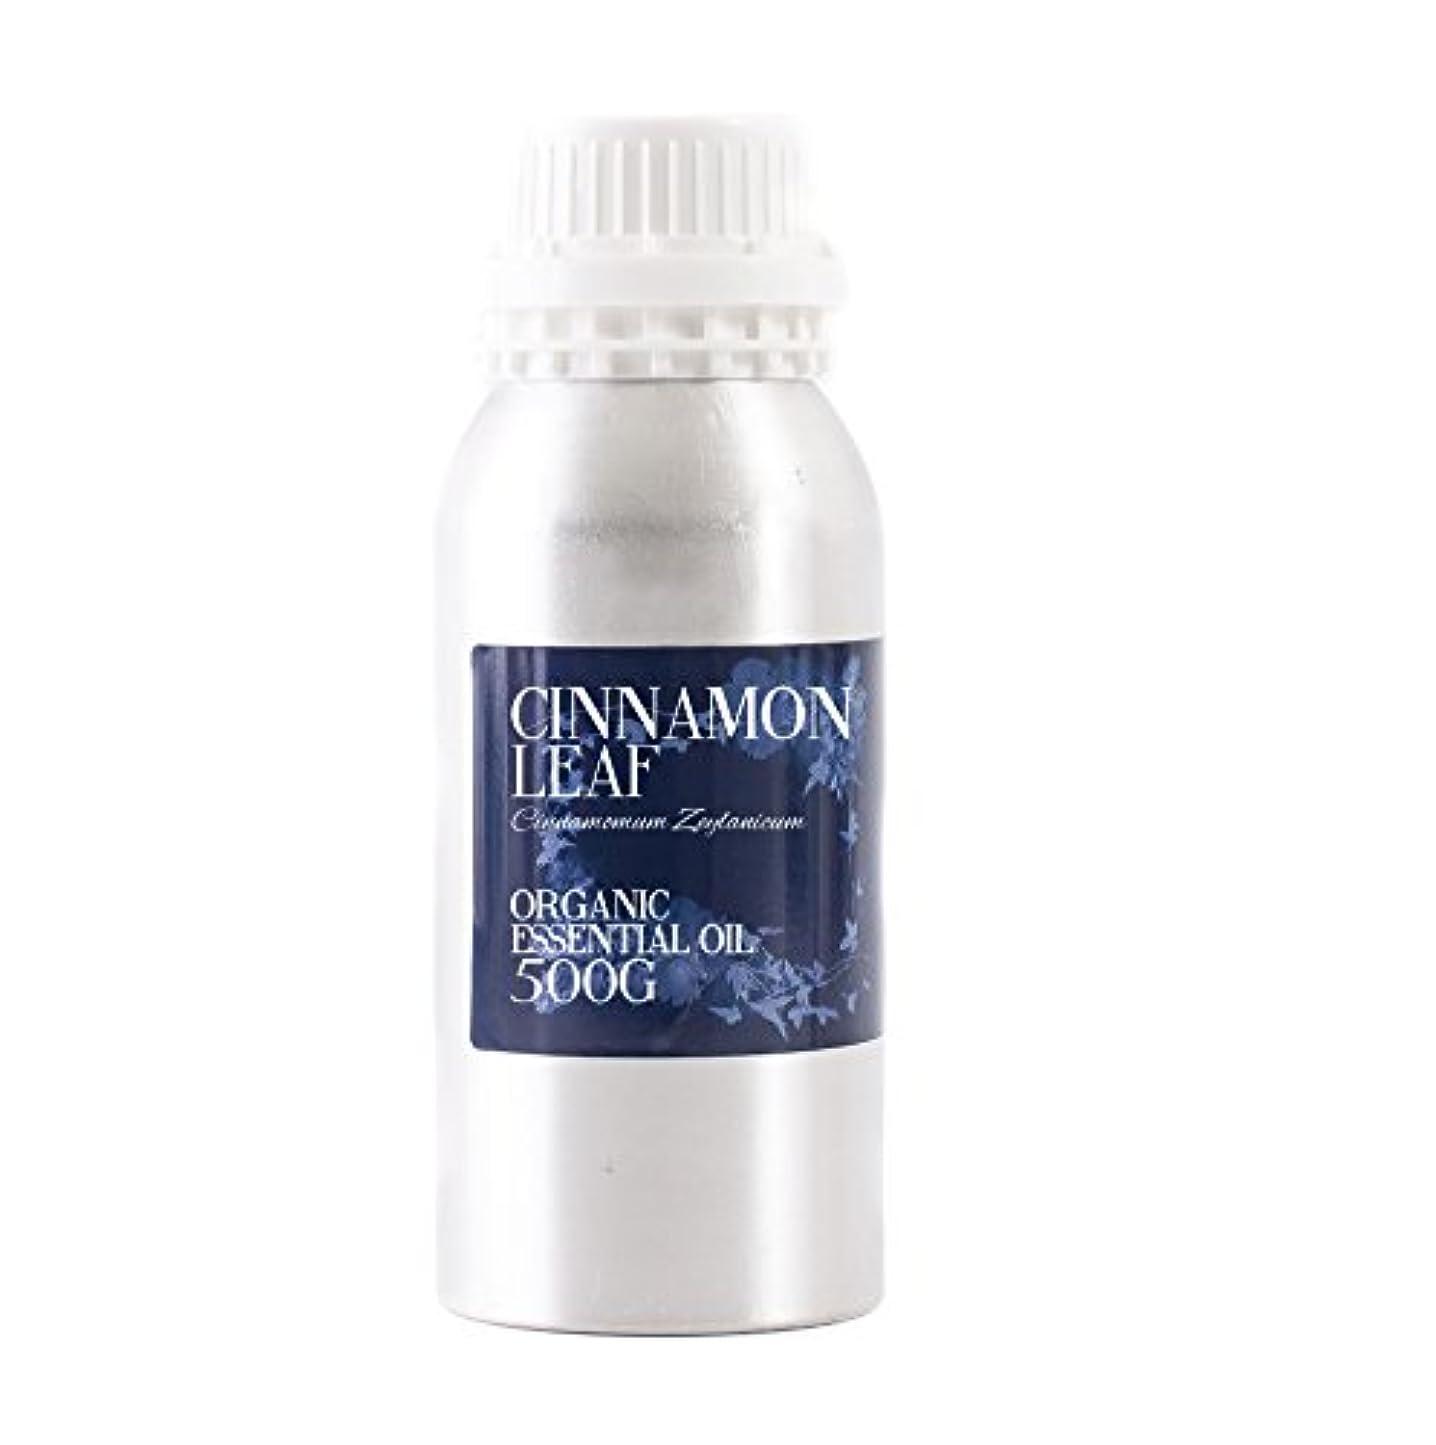 一方、ヒット世紀Mystic Moments | Cinnamon Leaf Organic Essential Oil - 500g - 100% Pure